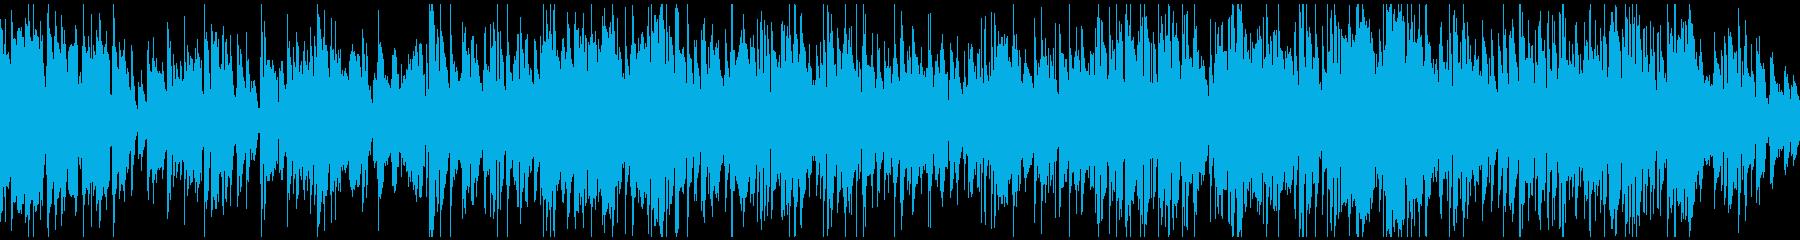 素敵なおしゃれ感のジャズ ※ループ仕様版の再生済みの波形